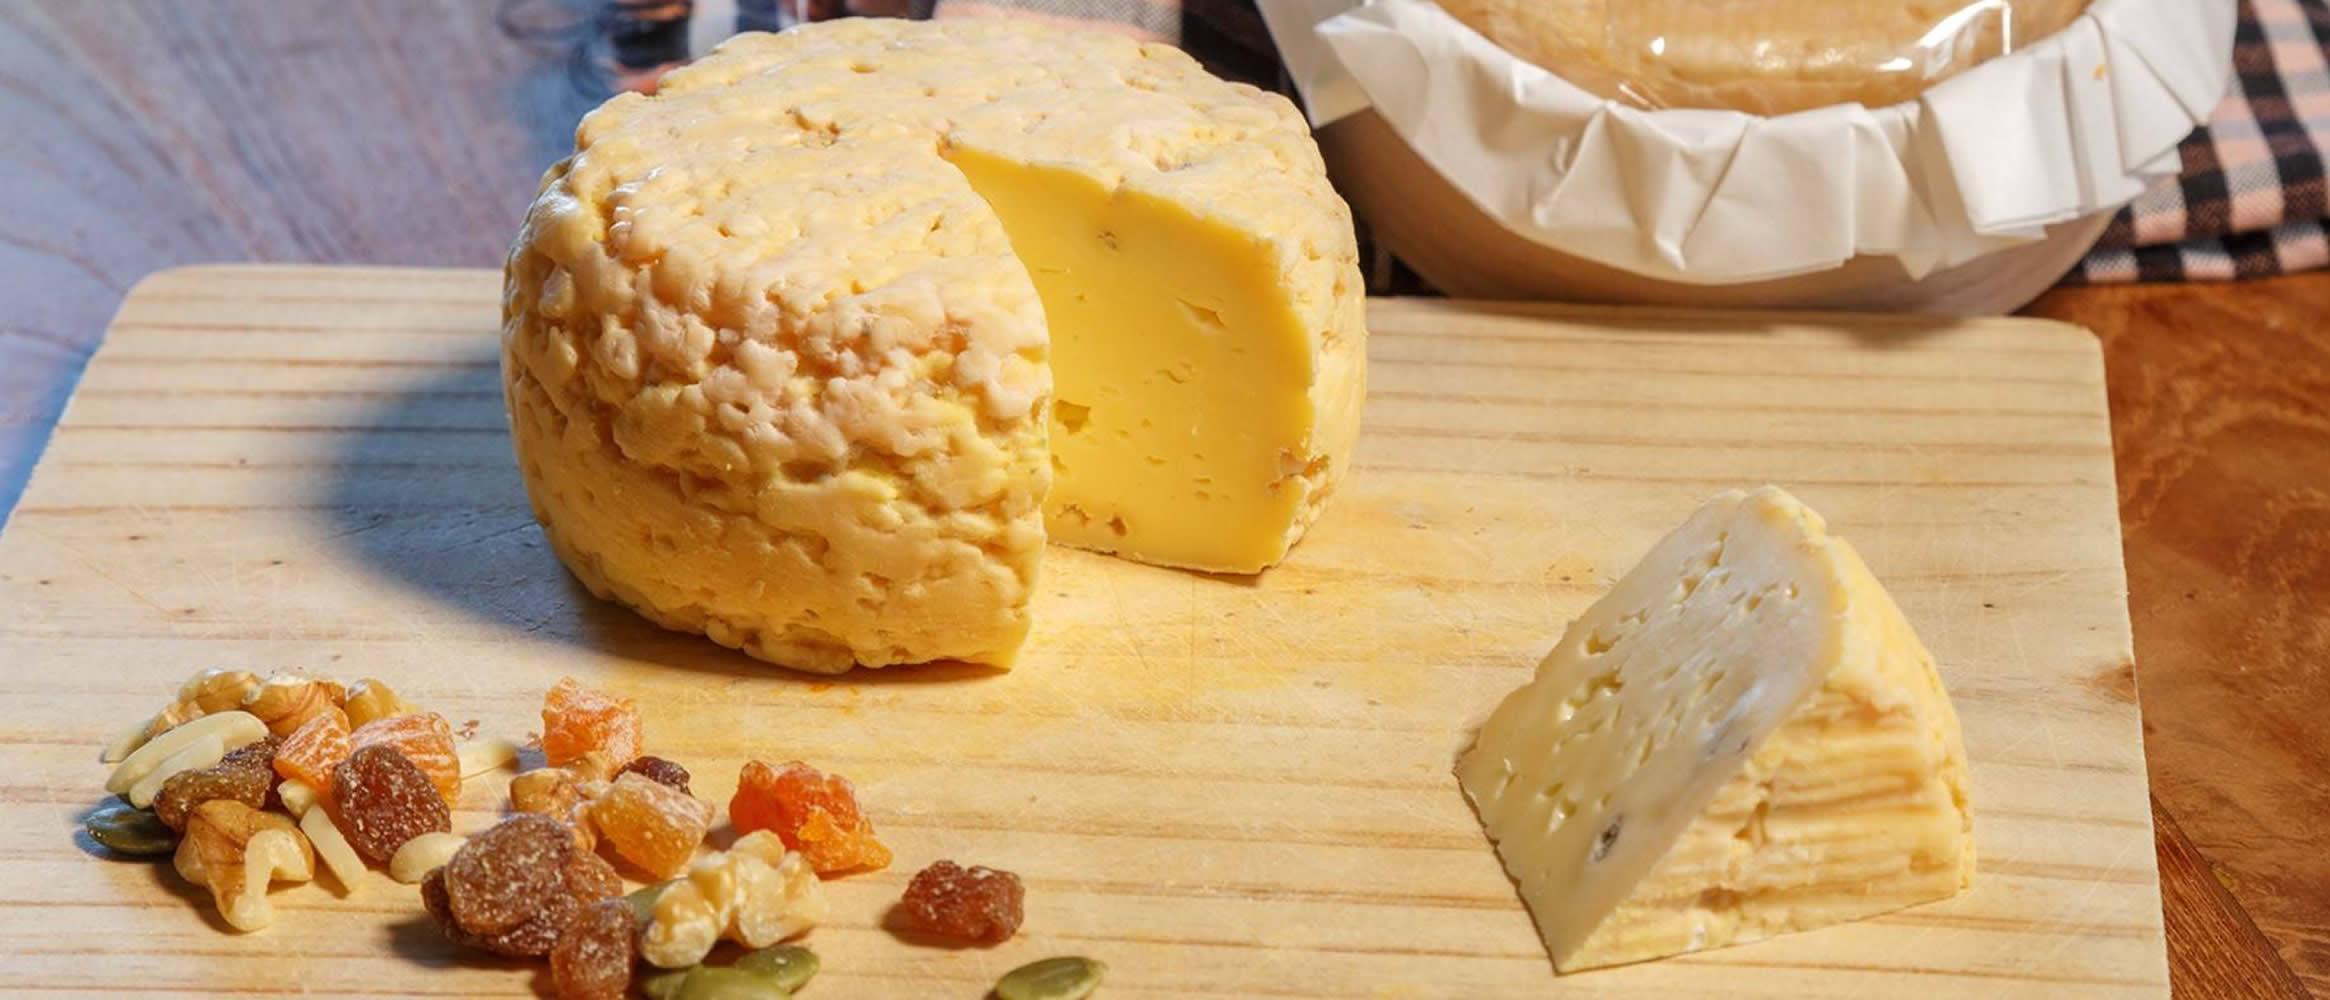 Cala Blanc queso semiblando de vaca madurado